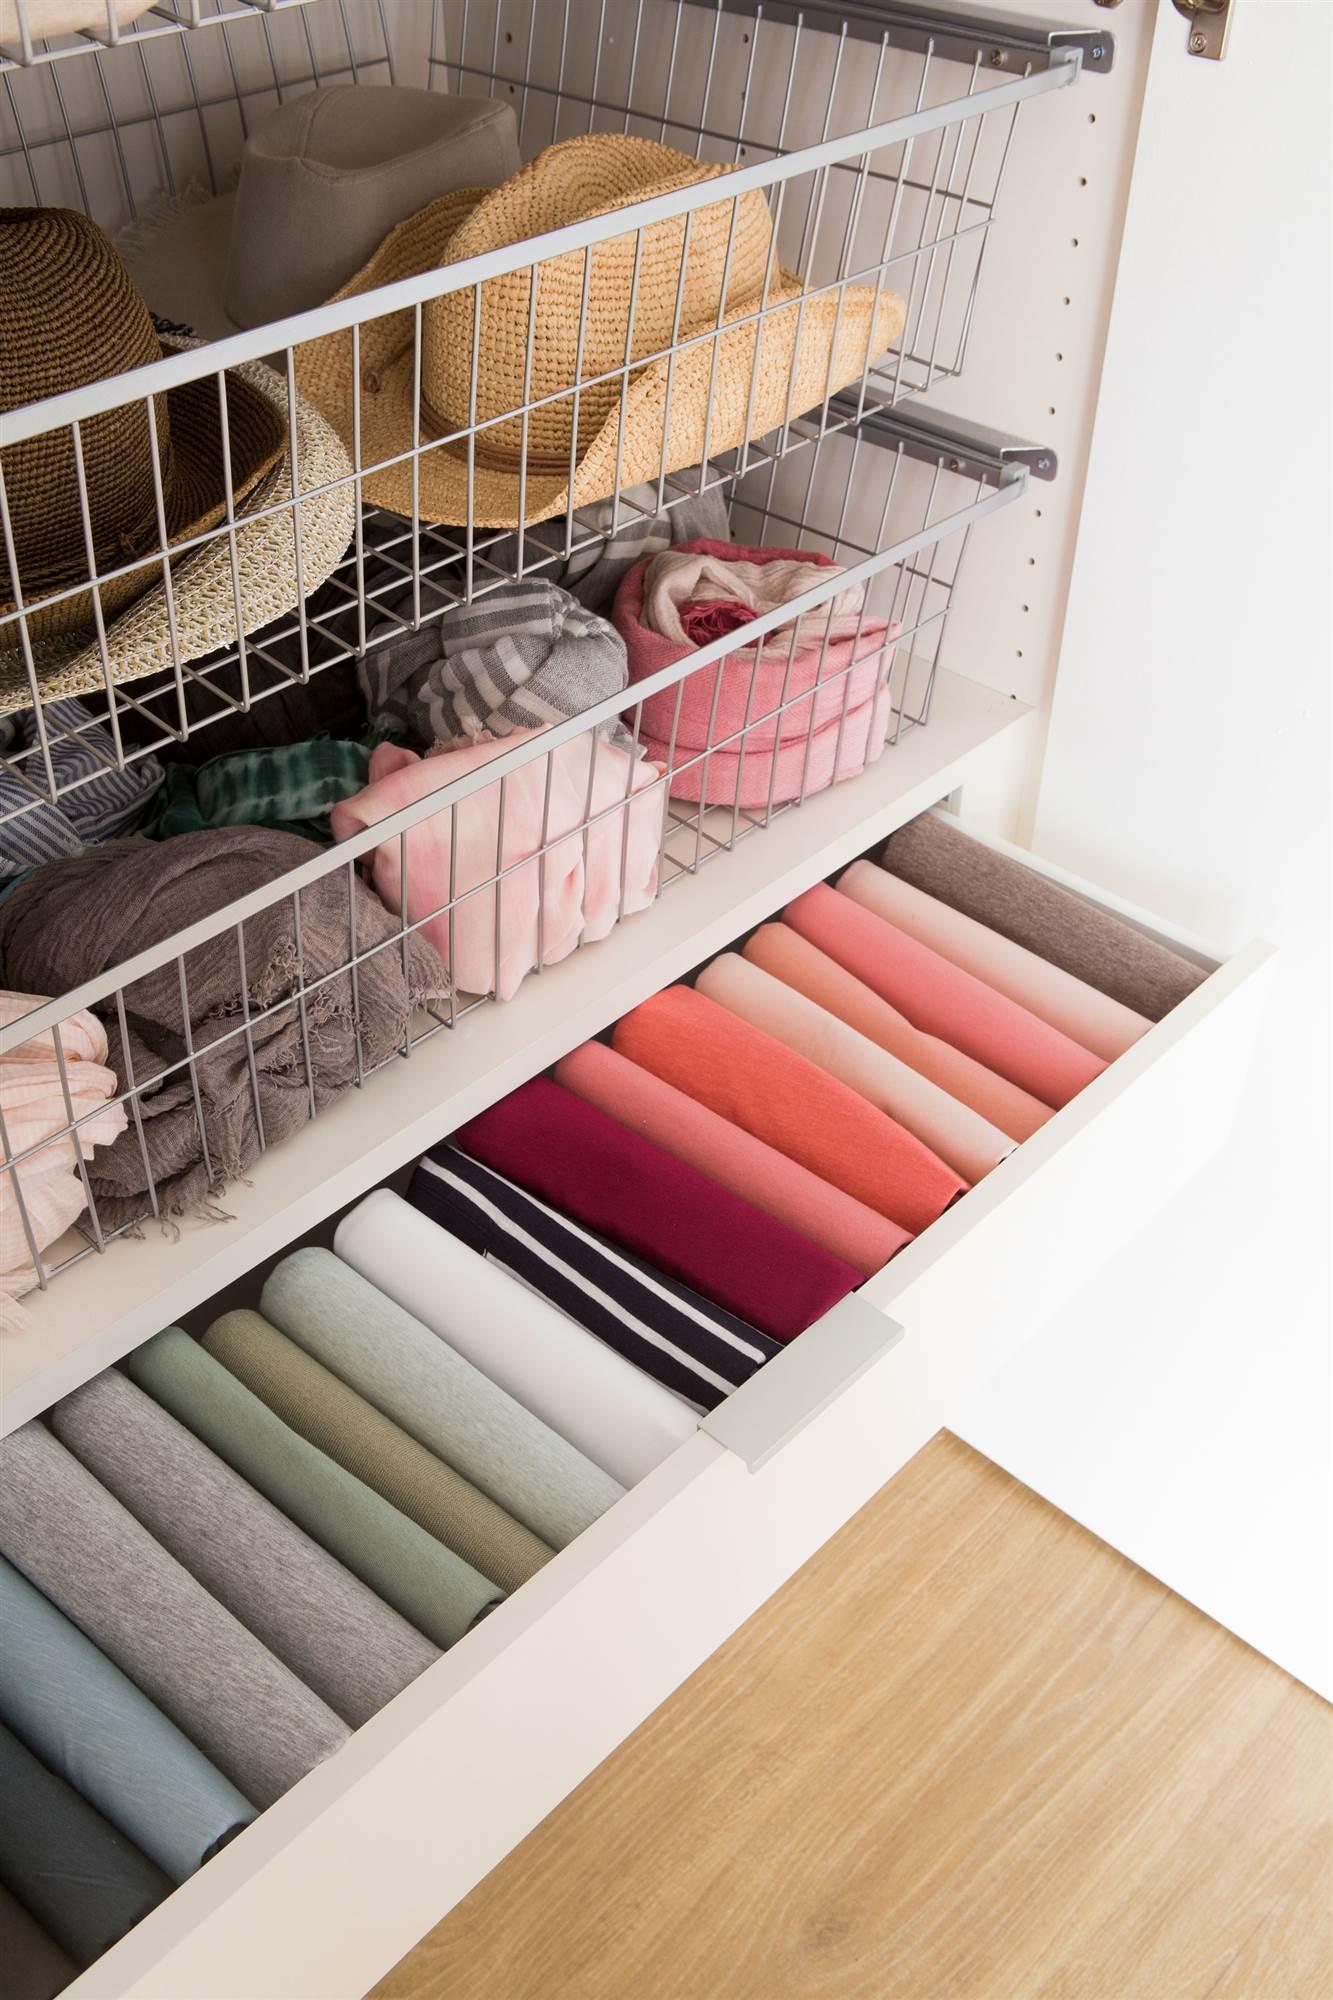 cajones-de-armario-con-ropa-y-complementos00456565-o_b0a60aeb_1333x2000.jpg